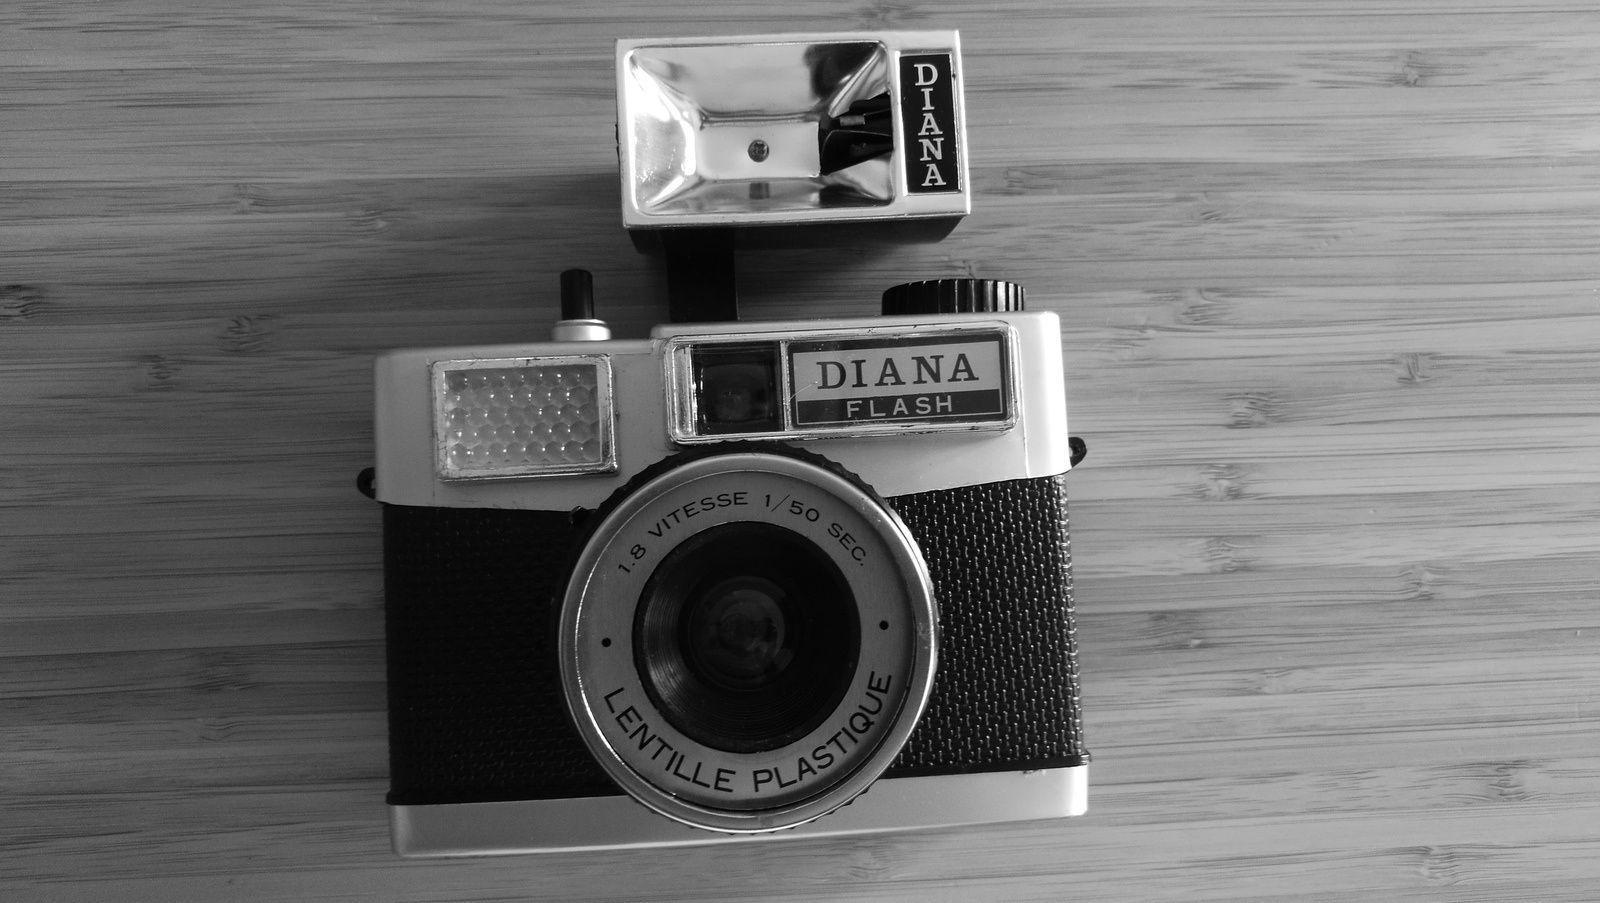 un Diana Flash quasi complet (il manque la dragonne) pour 2 euros &#x3B; ce n'est rien mais ça me fait plaisir. Je préfère payer ça 2 euros que 30 euros, logique non ?